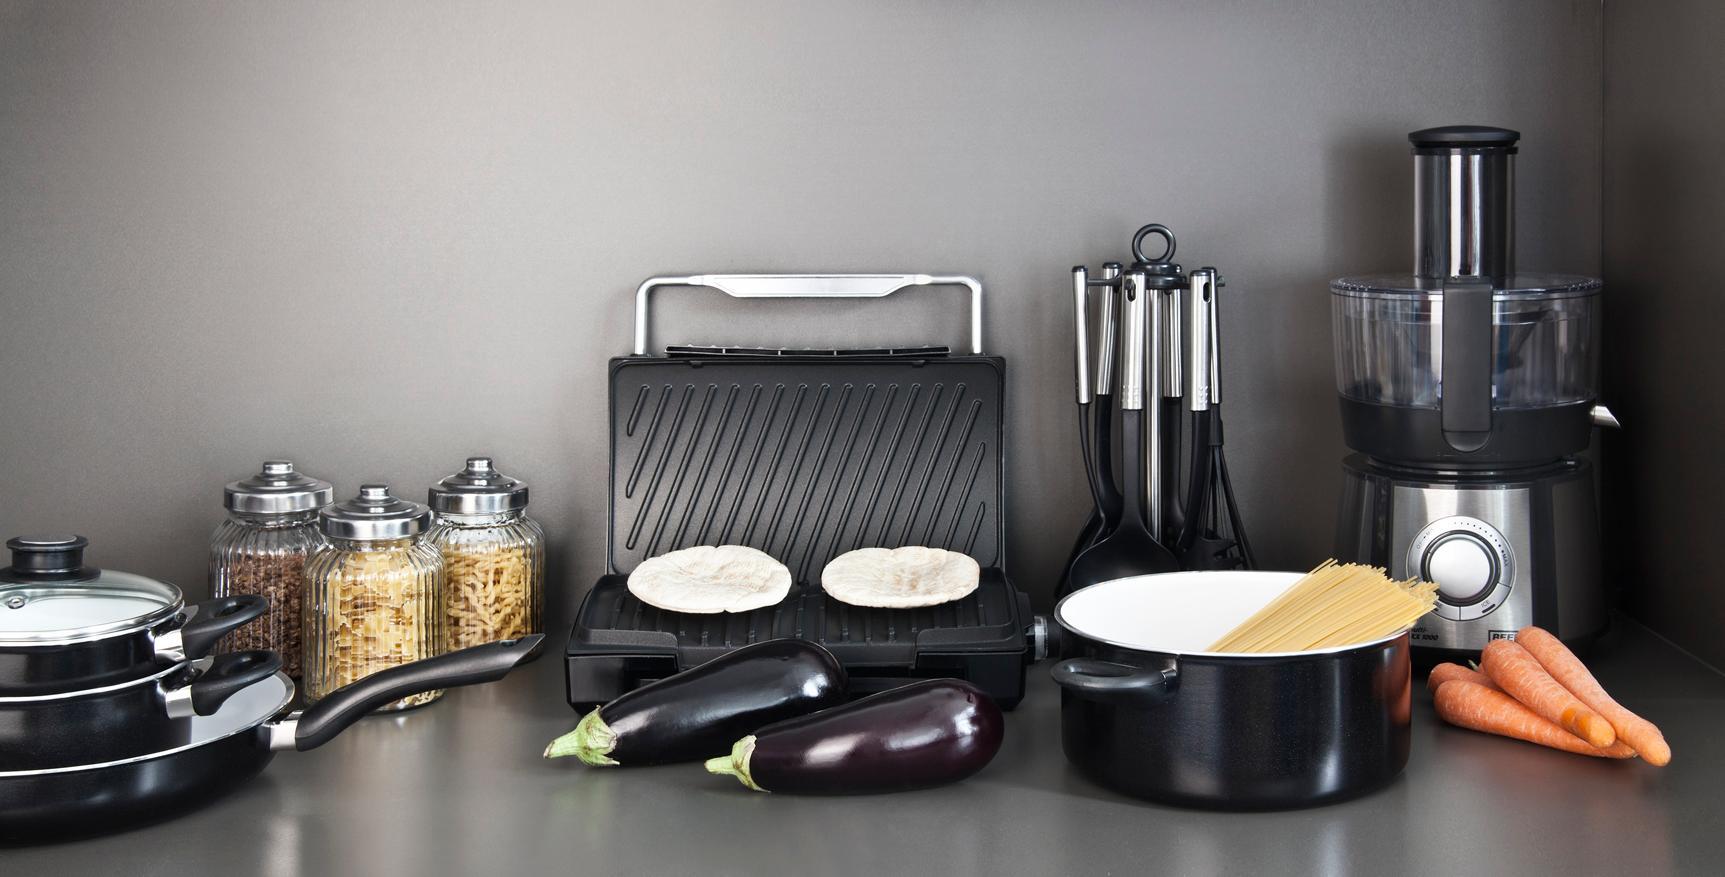 Piastra Elettrica Cucinare E Mangiare Sano Dalani E Ora Westwing